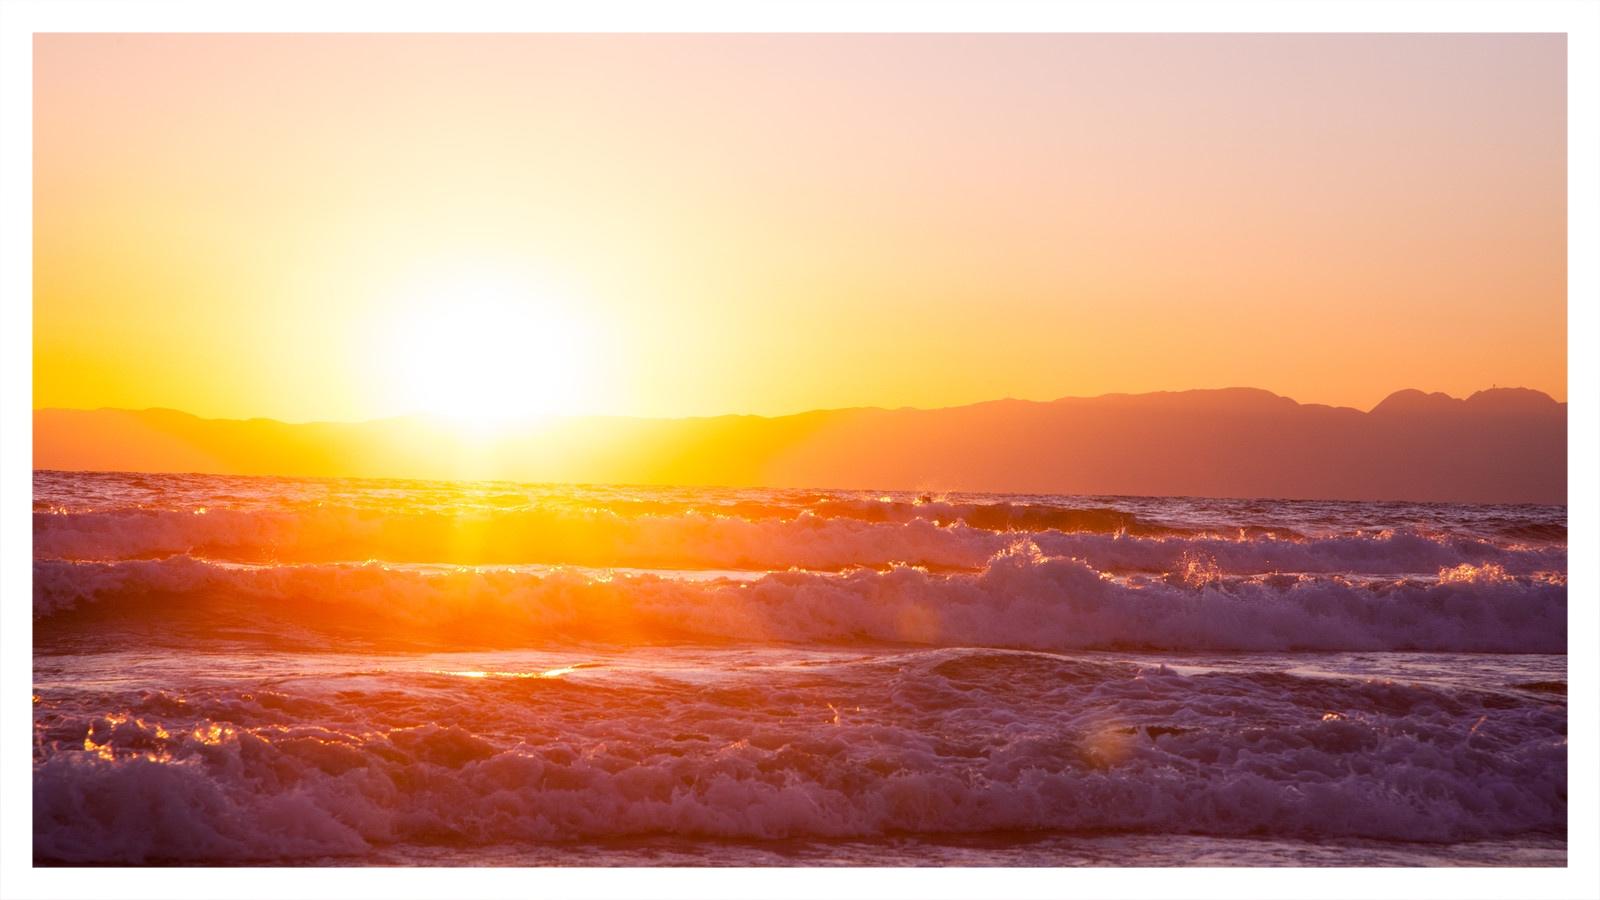 波間から上がってくる初日の出